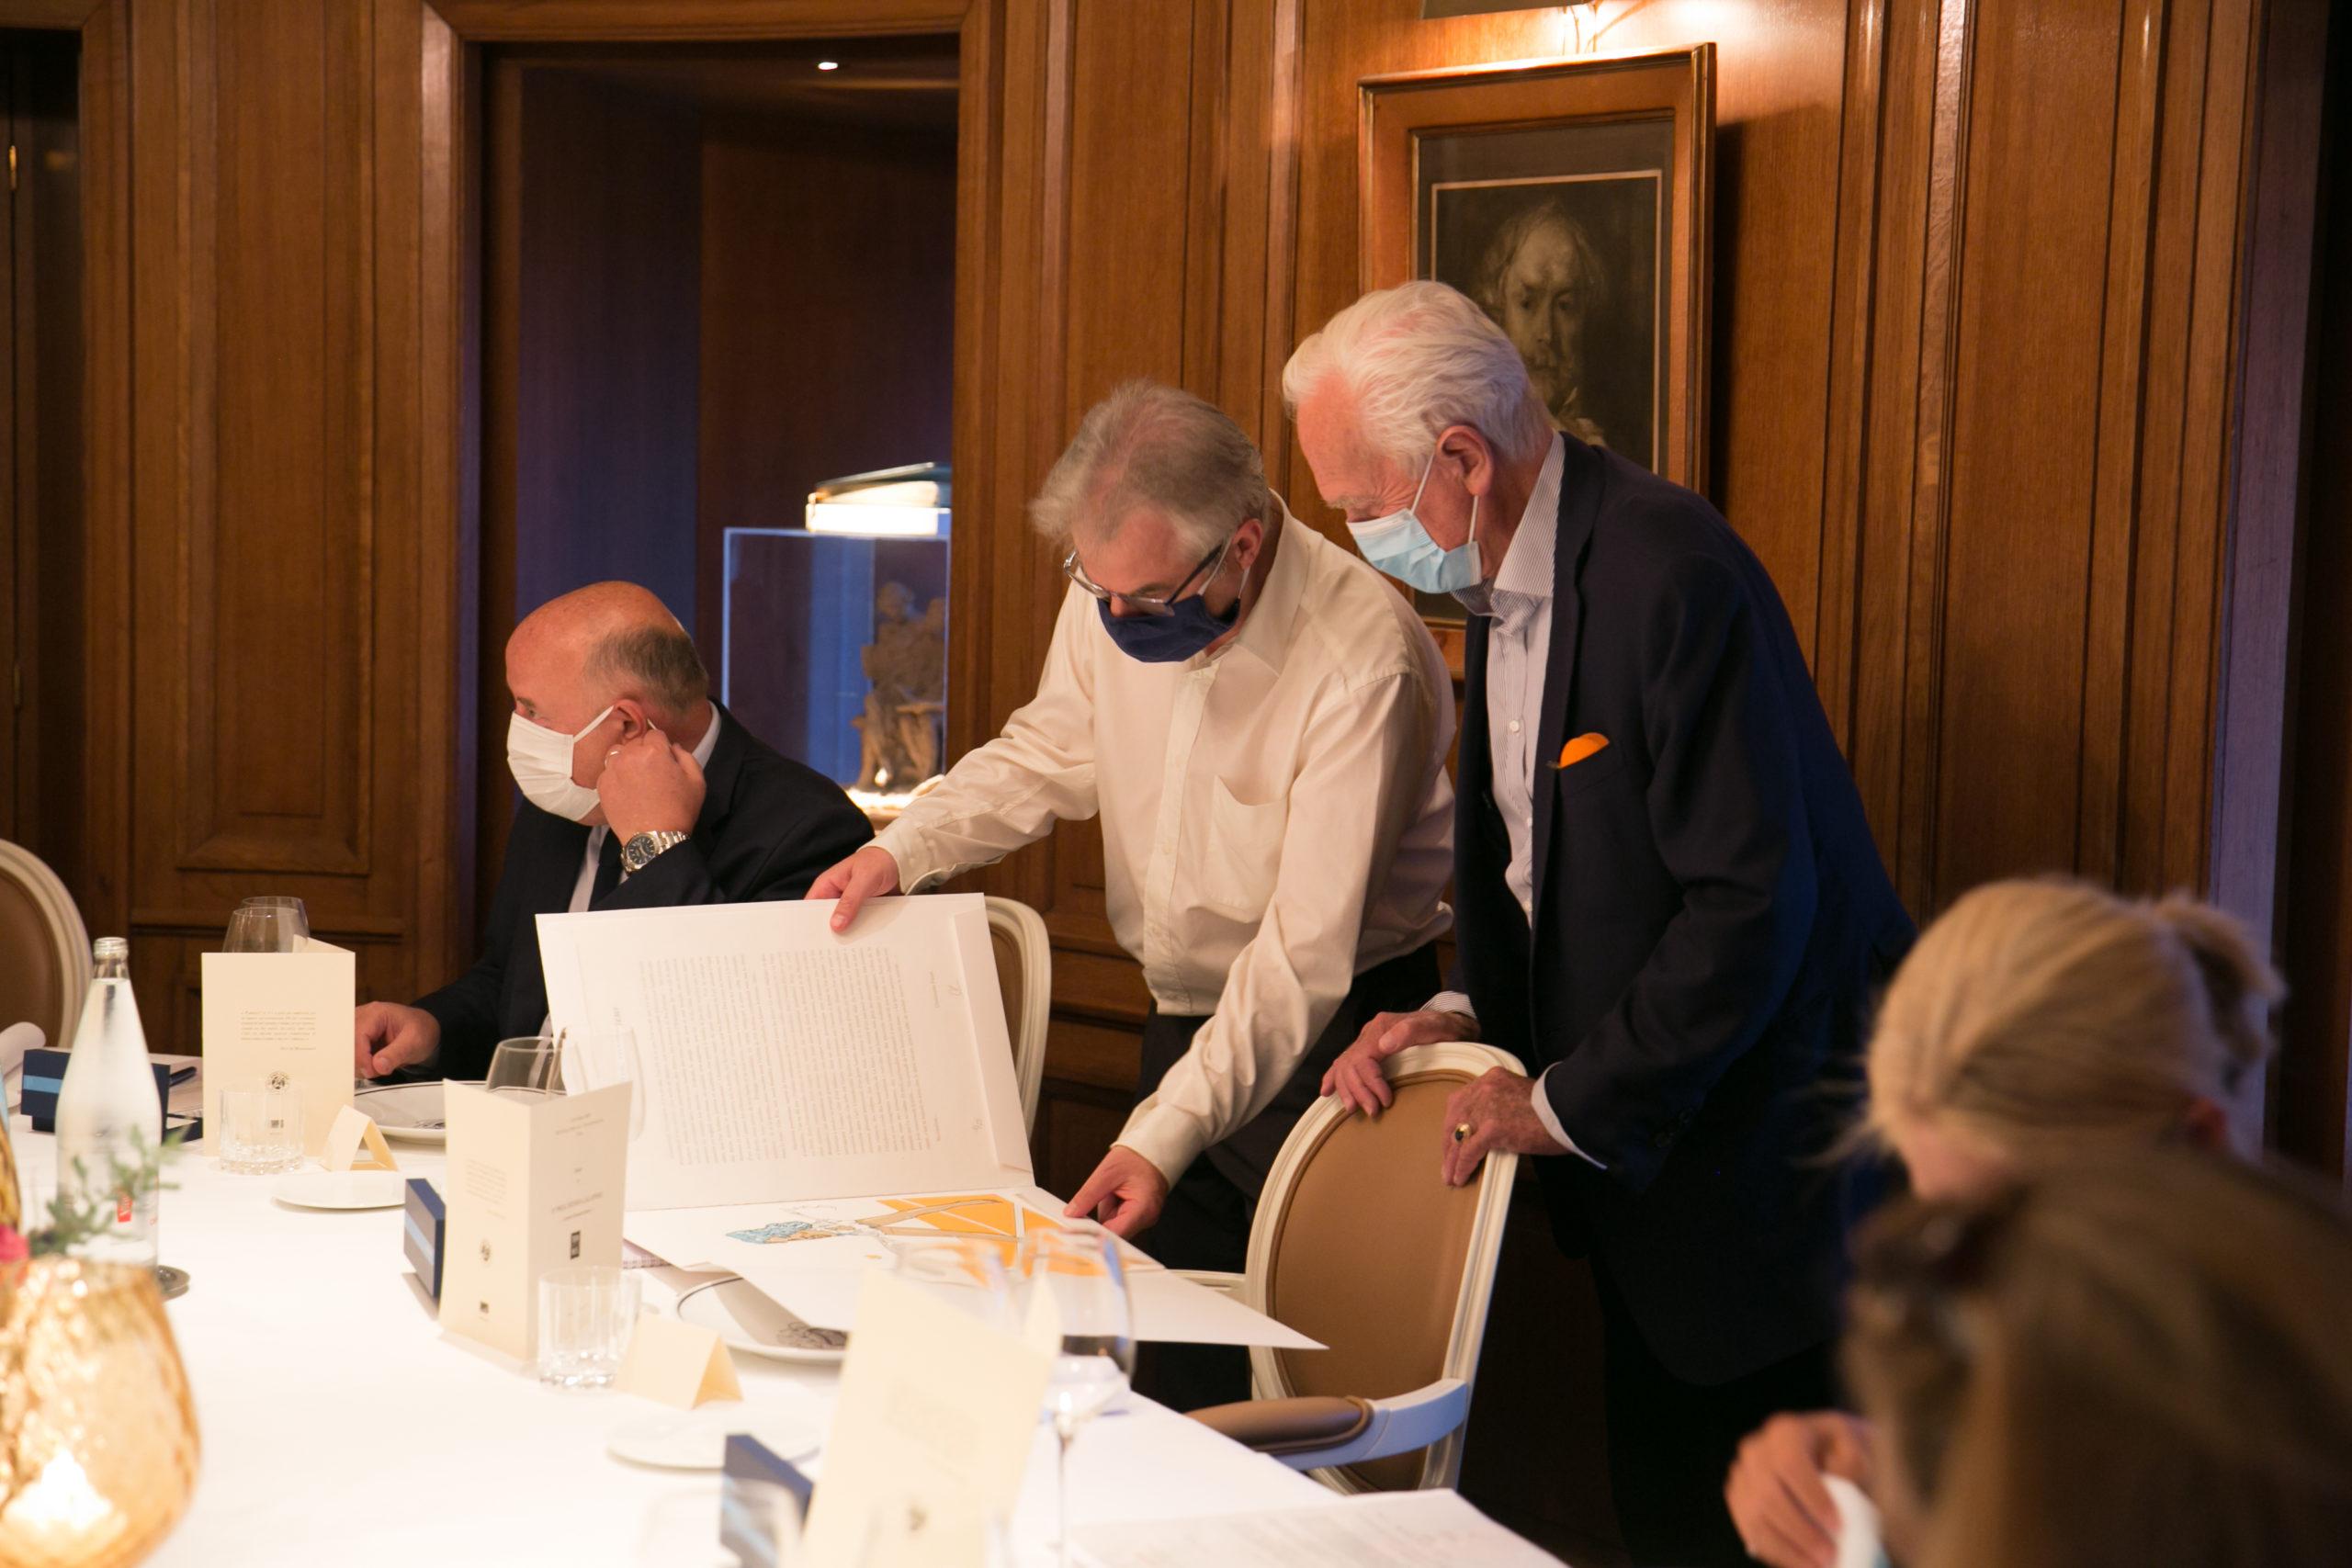 Bonheurs de l'édition d'art. Christophe Penot présente à Philippe Labro, invité d'honneur de cette huitième édition, la lithographie spécialement réalisée pour le Prix par l'artiste néerlandais Pat Andrea.